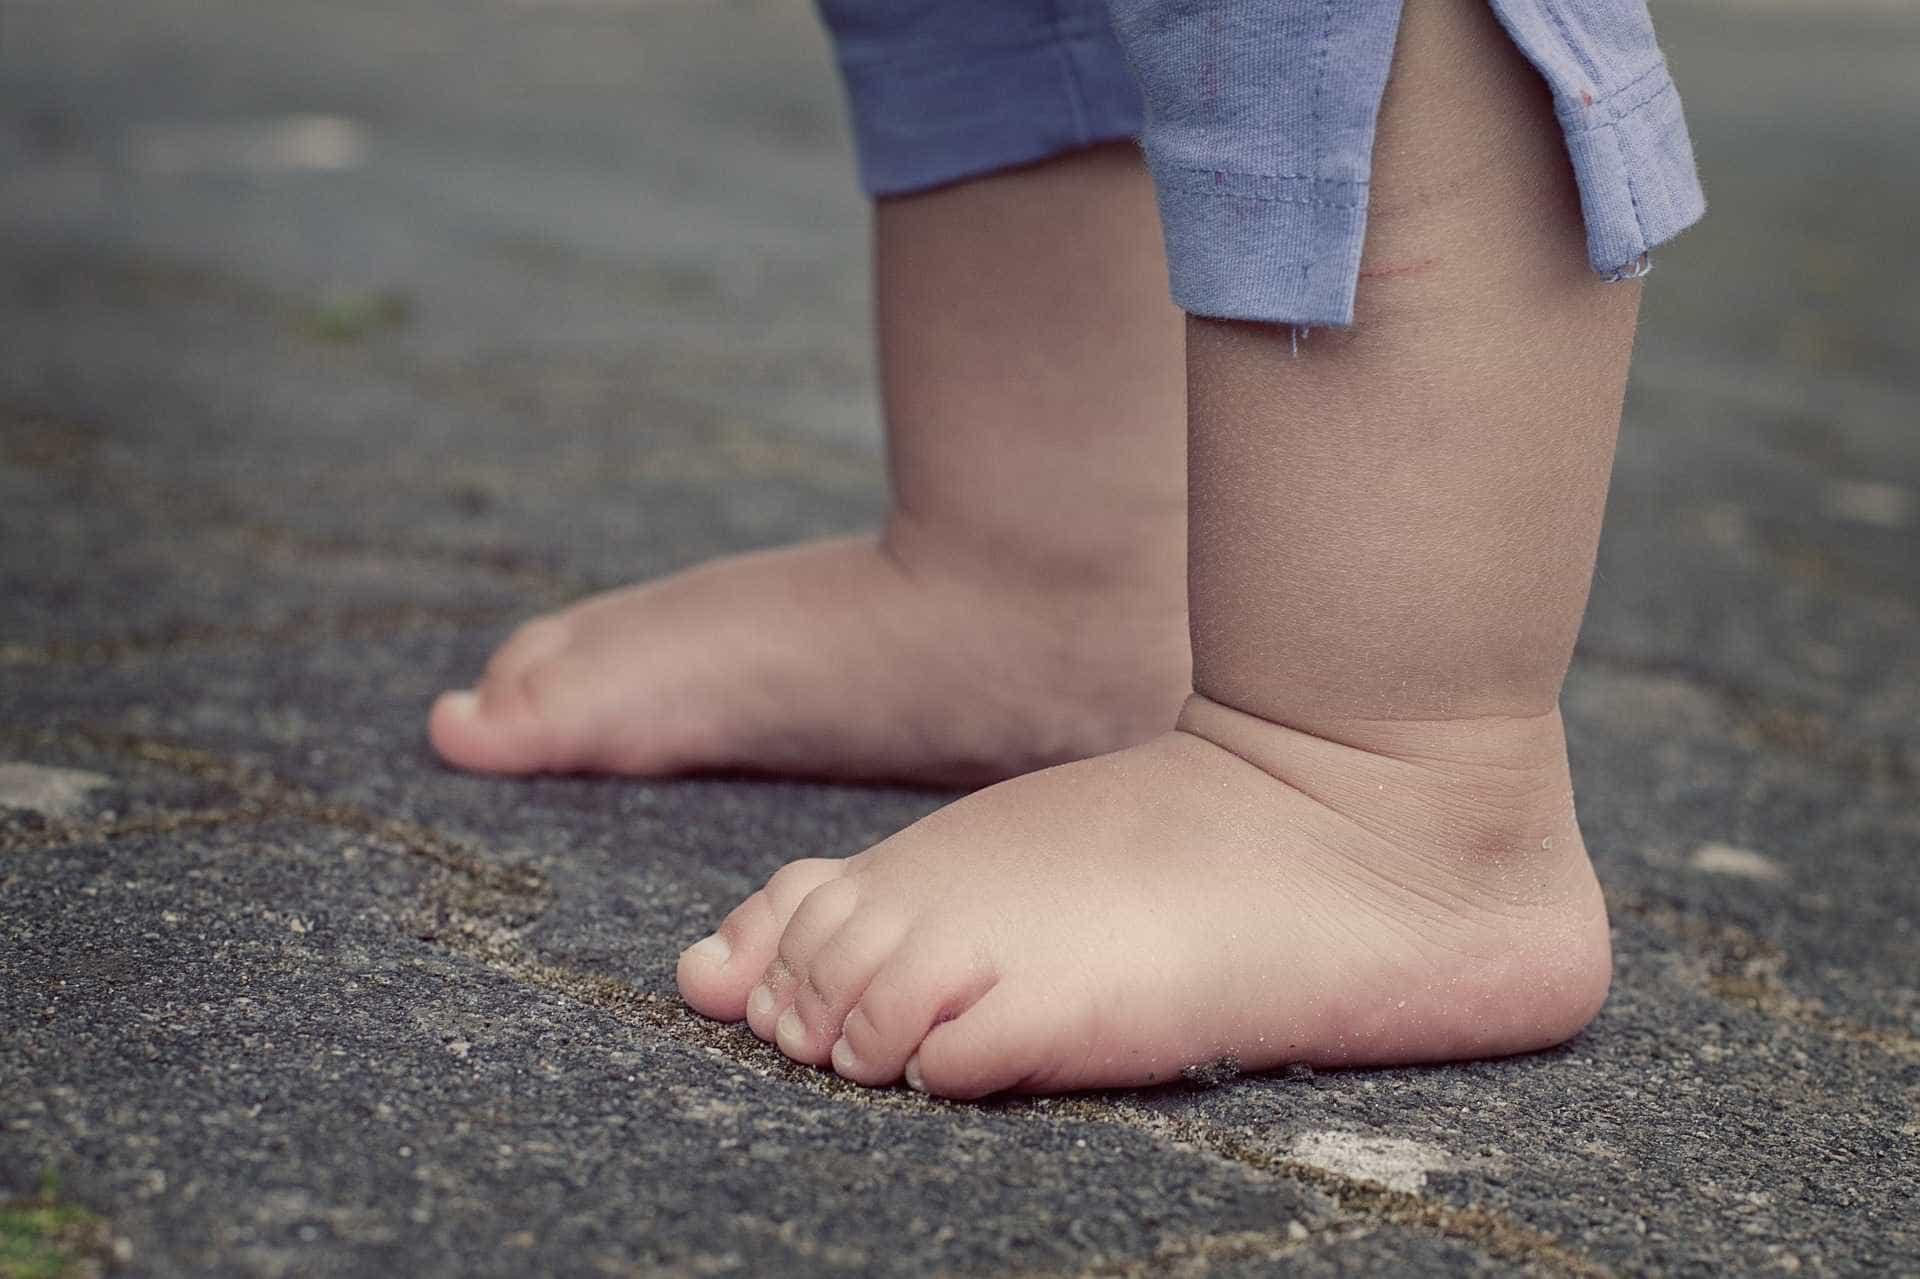 Suspeito é preso por abusar de criança durante culto evangélico